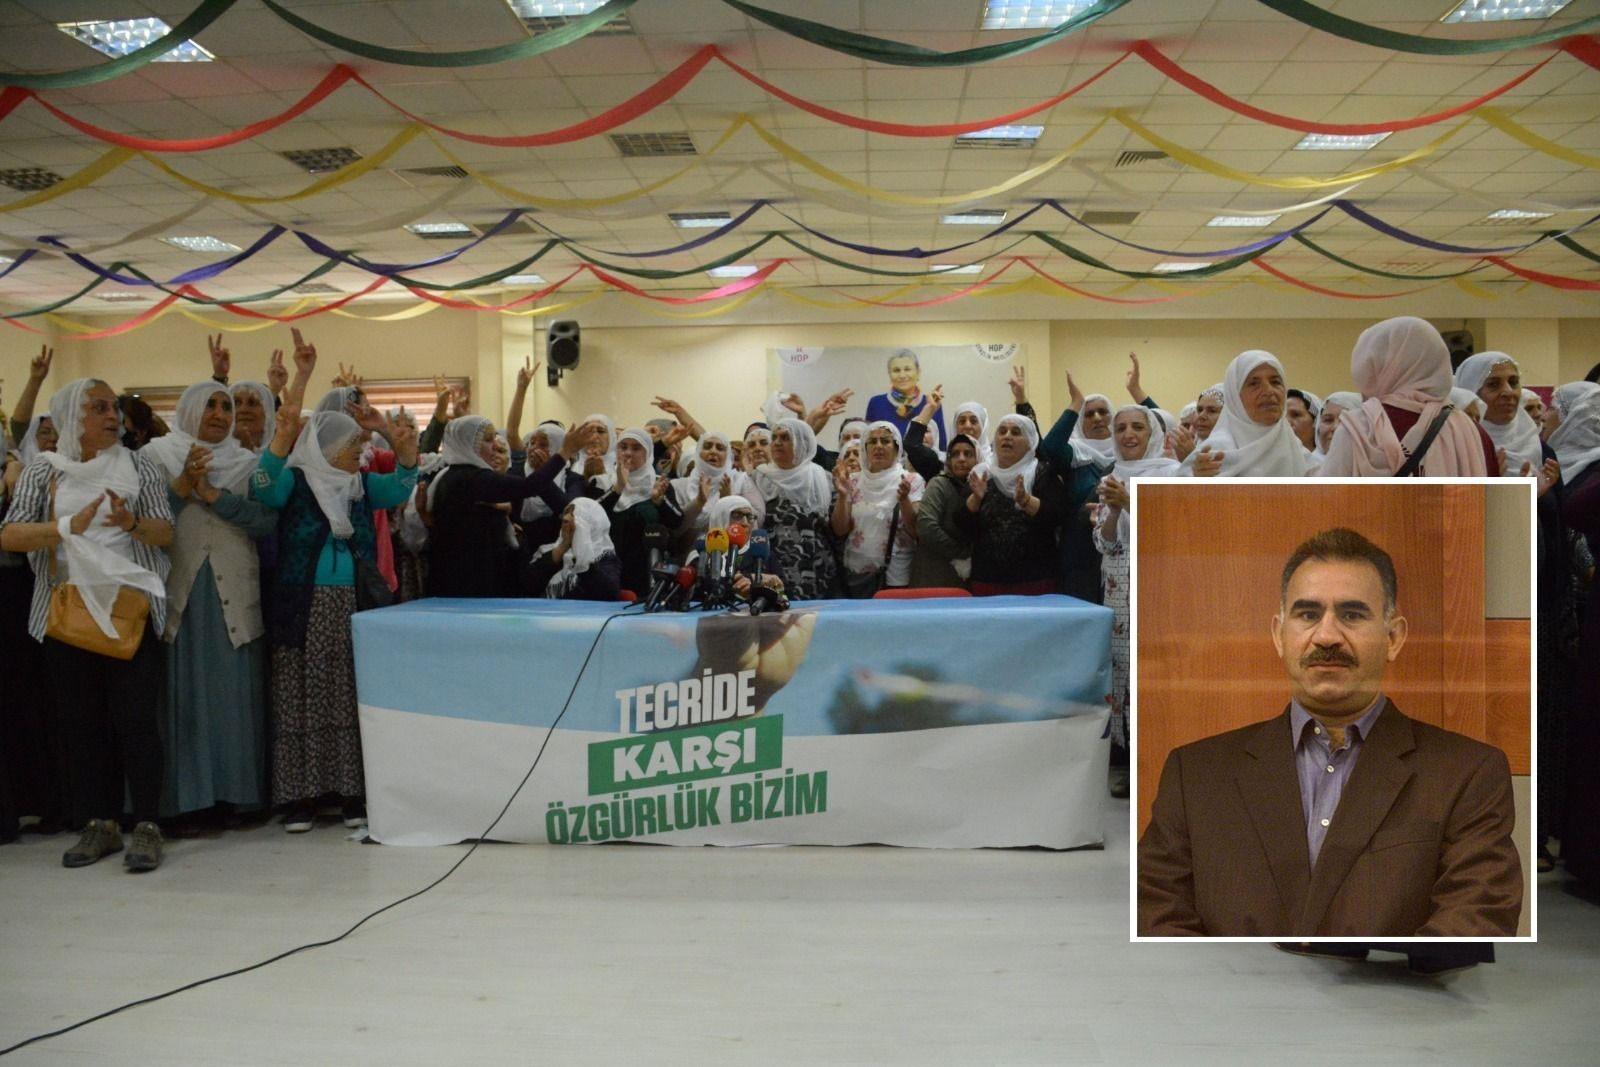 Öcalan'dan açlık grevi mesajı: Taviz olarak değerlendirmeyin